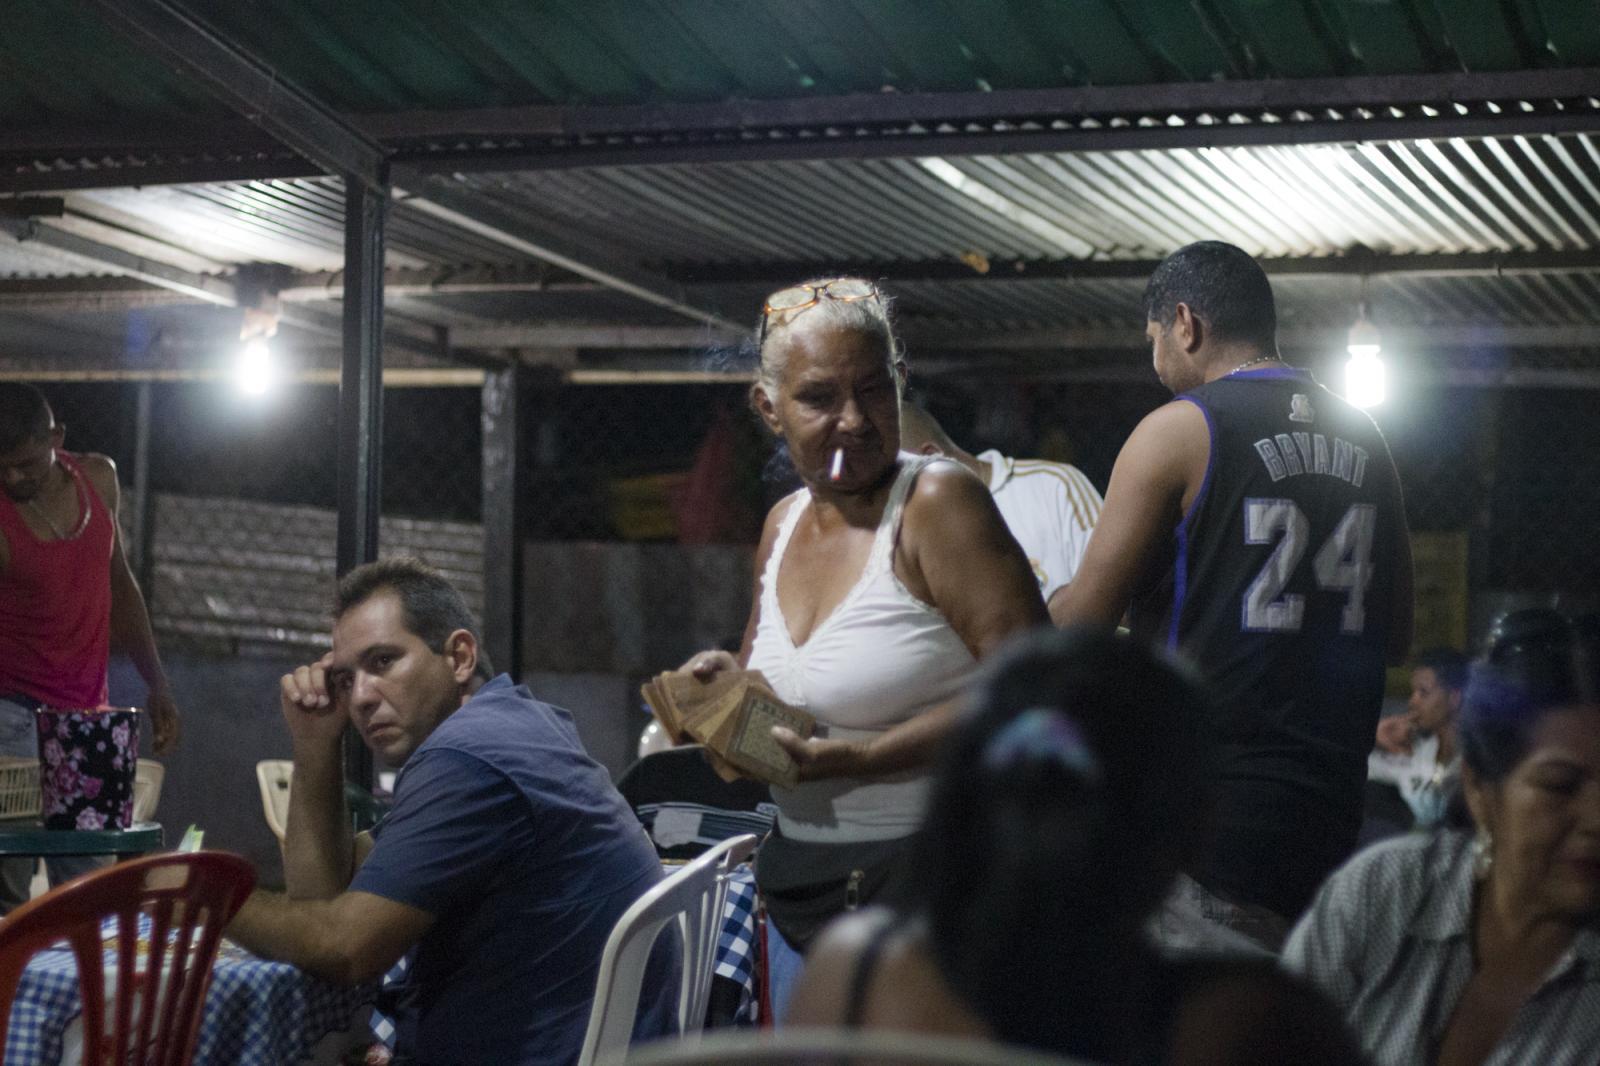 Luisa Girón, una minera de 62 años, durante una partida de bingo en un local comunal en Ikabarú, estado Bolívar, el 3 de junio de 2016. Luisa estudió y vivió en Caracas por muchos años, pero regresó a su pueblo natal y se dedicó a ser palera, nombre que se le da las mujeres dedicadas a la minería artesanal. Tiene dos hijas, una en Tenerife, España, y la otra en El Callao, un pueblo a 195 kilómetros. Luisa es de una familia de 14 hermanos en la que todos son mineros.